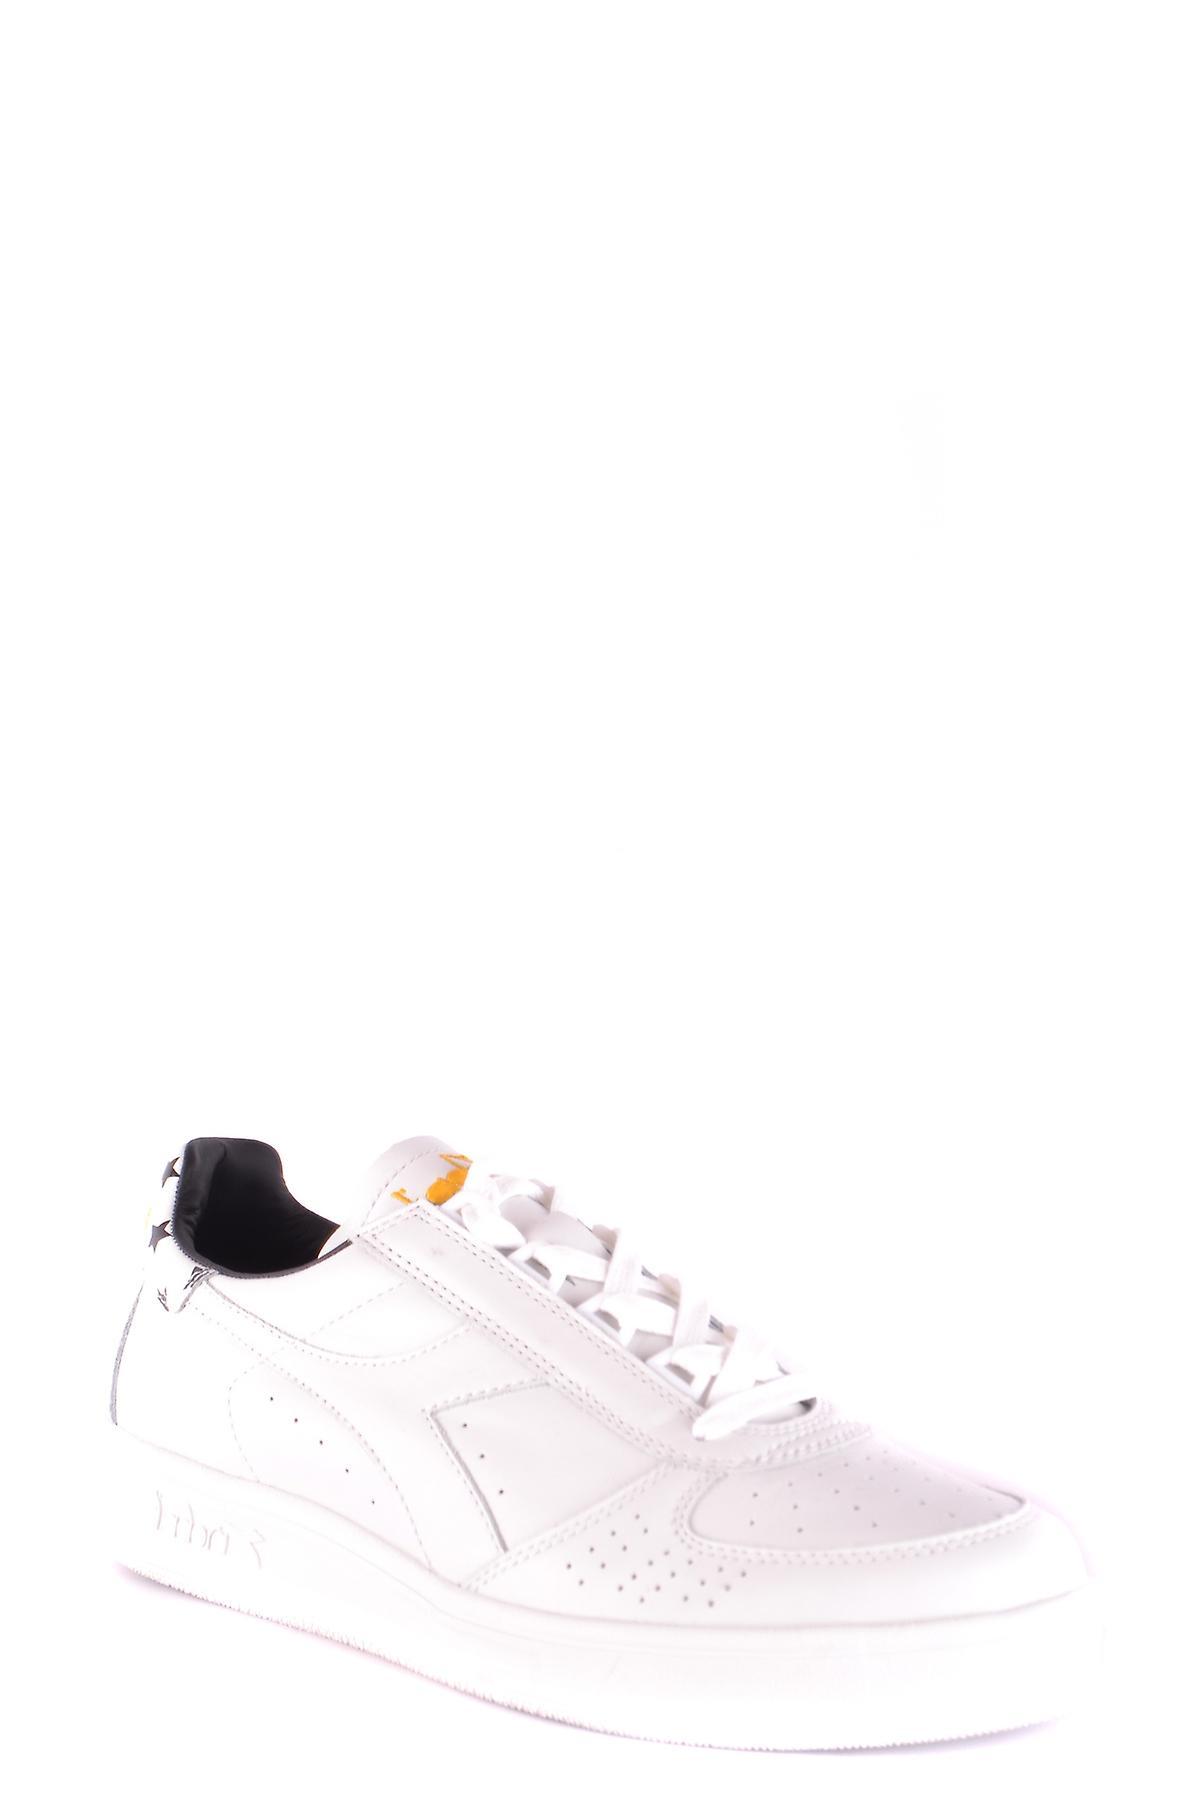 Diadora Ezbc116027 Uomini's Sneakers in pelle bianca ROboE6